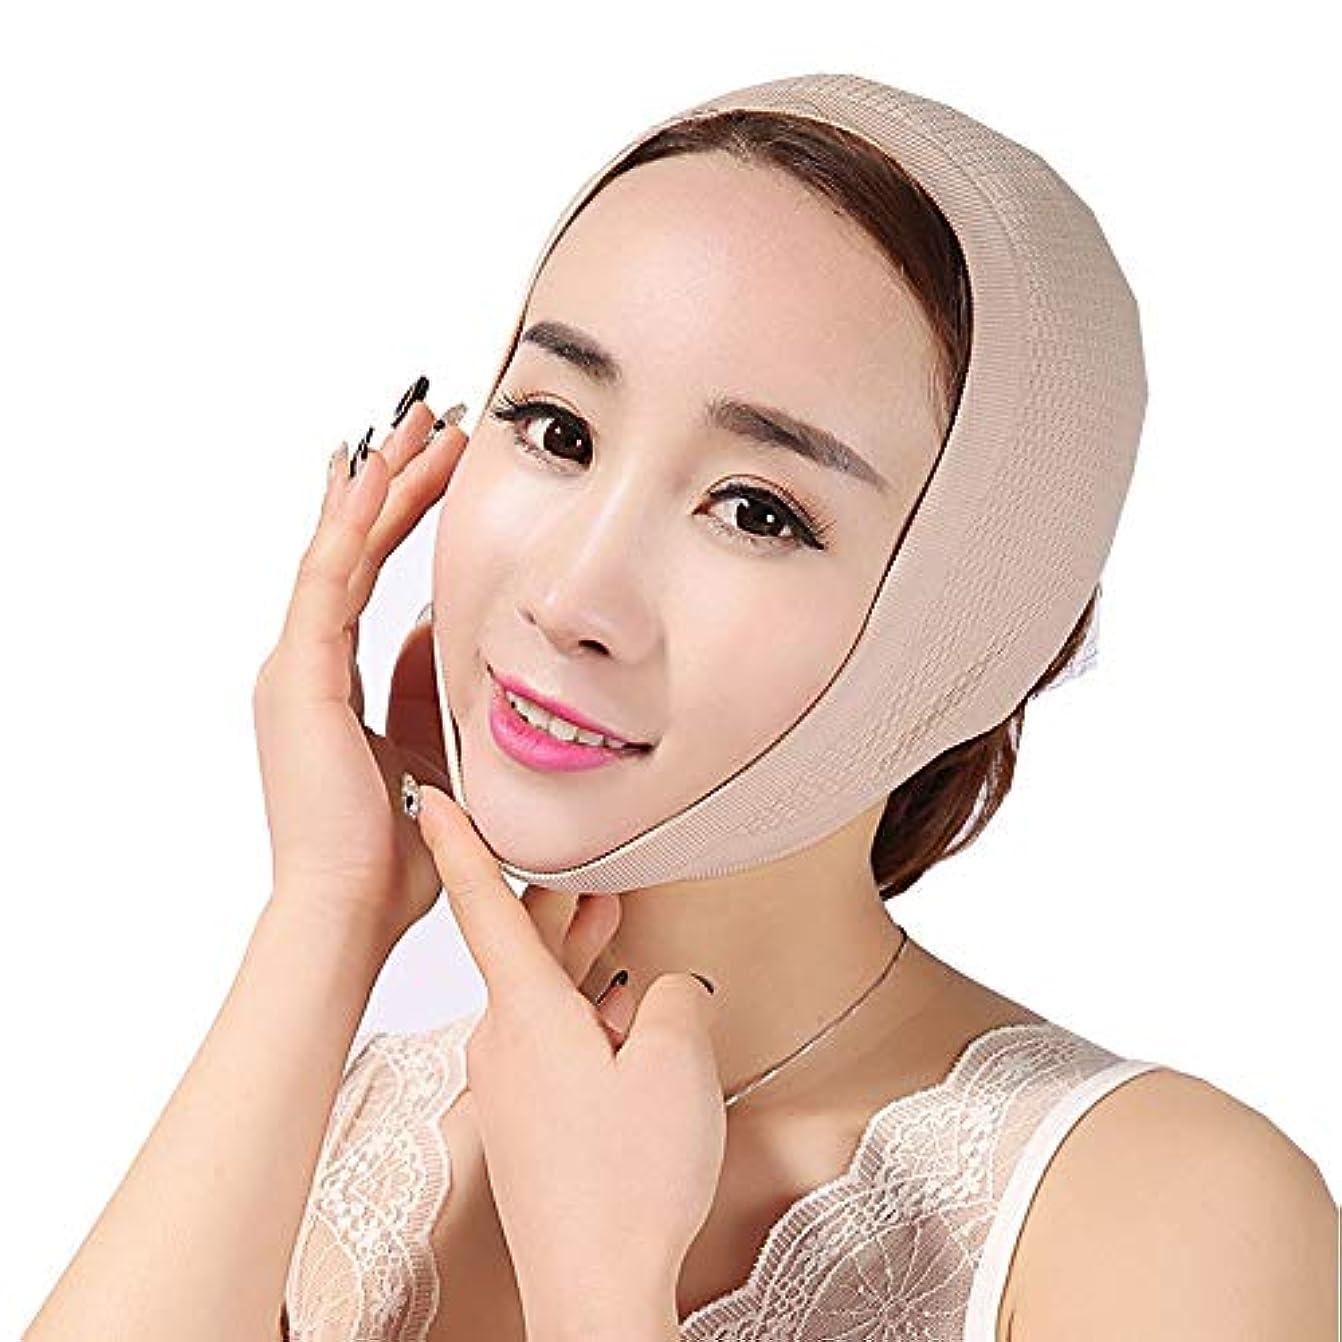 ストライプスプリットメッシュフェイスマスクで眠る薄い顔フェイスリフトフェイスリフトアーティファクトスモールフェイスVフェイスリフト付きフェイスフェイス包帯引き上げジョーセット